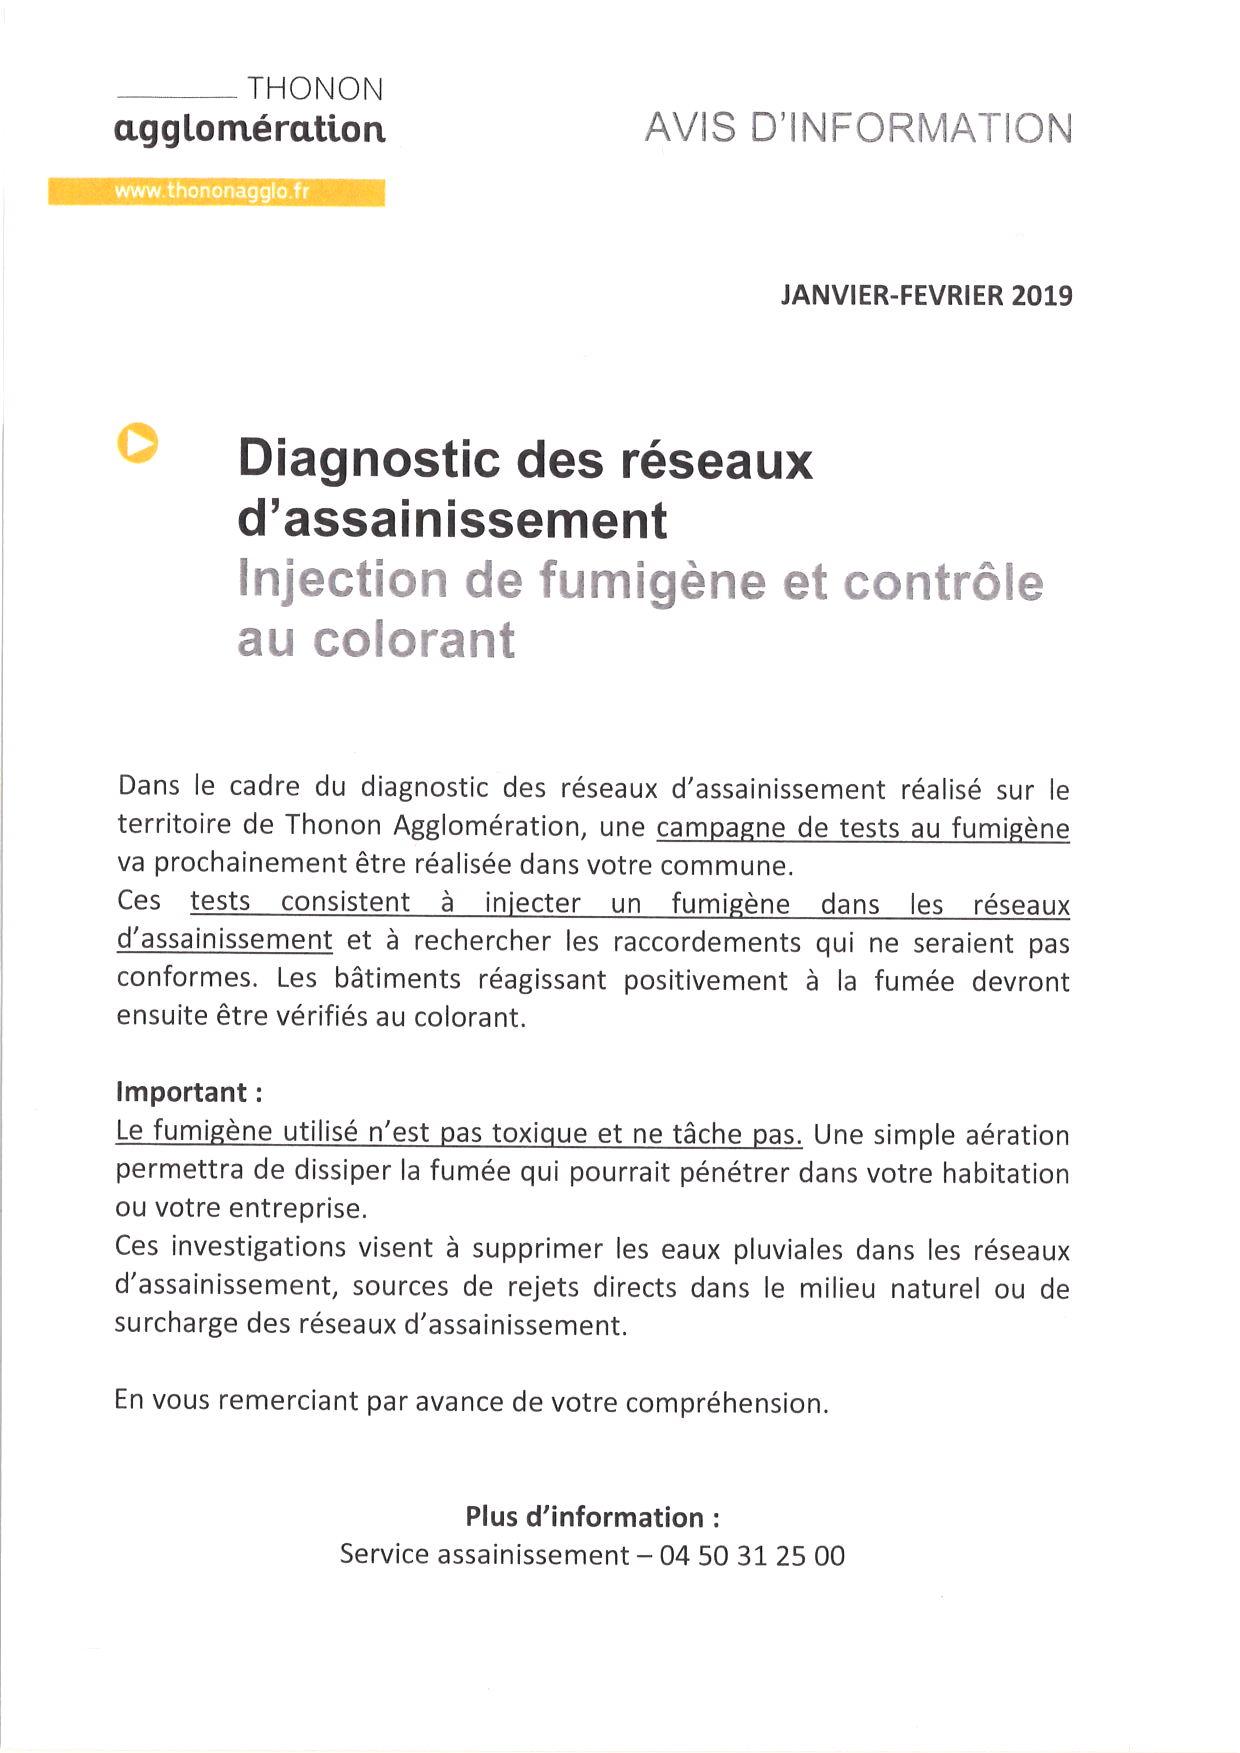 Diagnostic Des Reseaux D Assainissement Injection De Fumigene Et